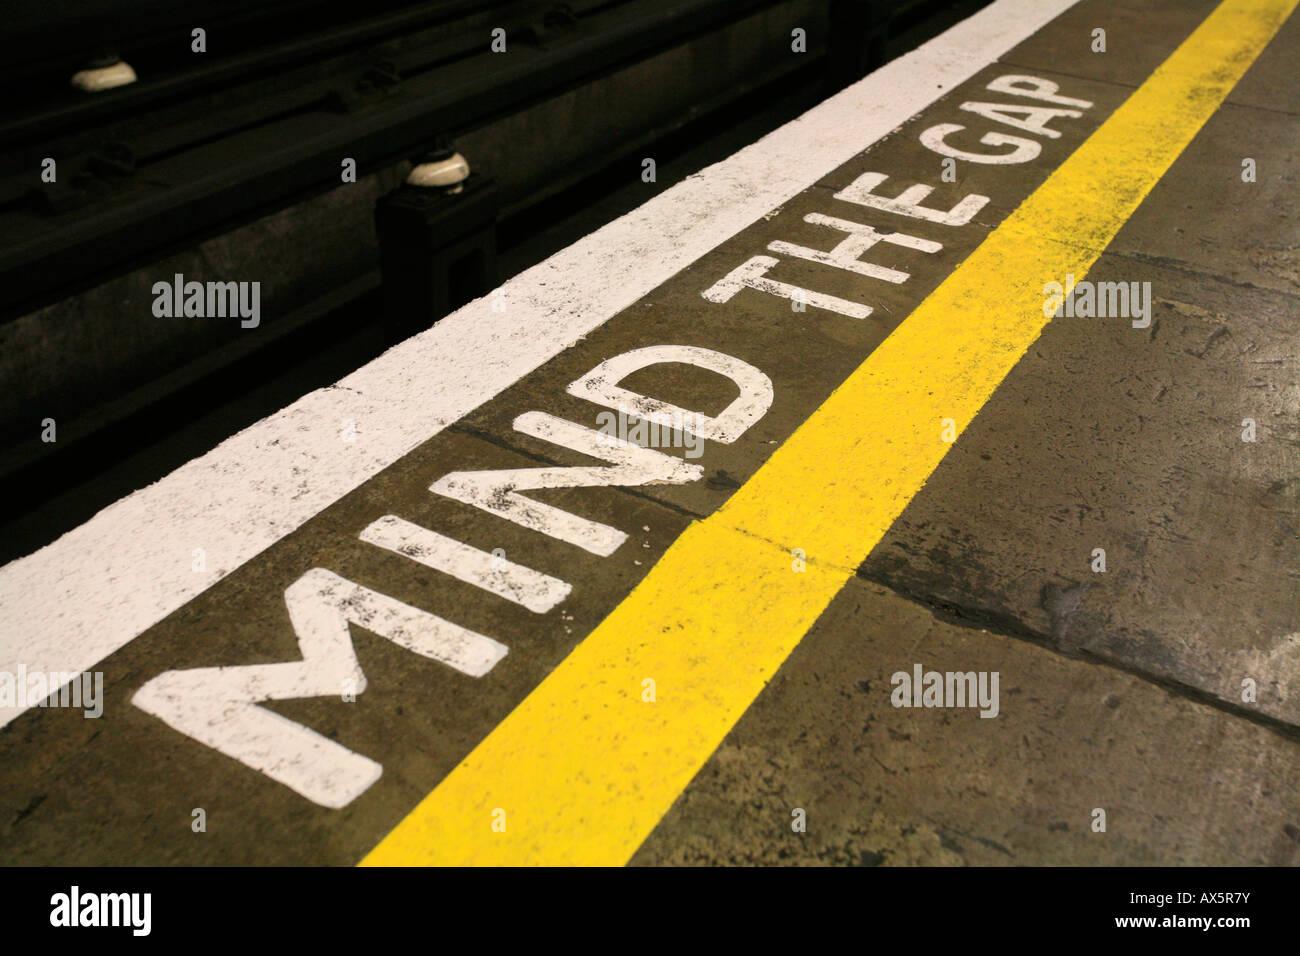 Cuenta la brecha - Recordatorio de seguridad en el sur de la estación de metro de Wimbledon, Londres, Inglaterra, Reino Unido, Europa Foto de stock